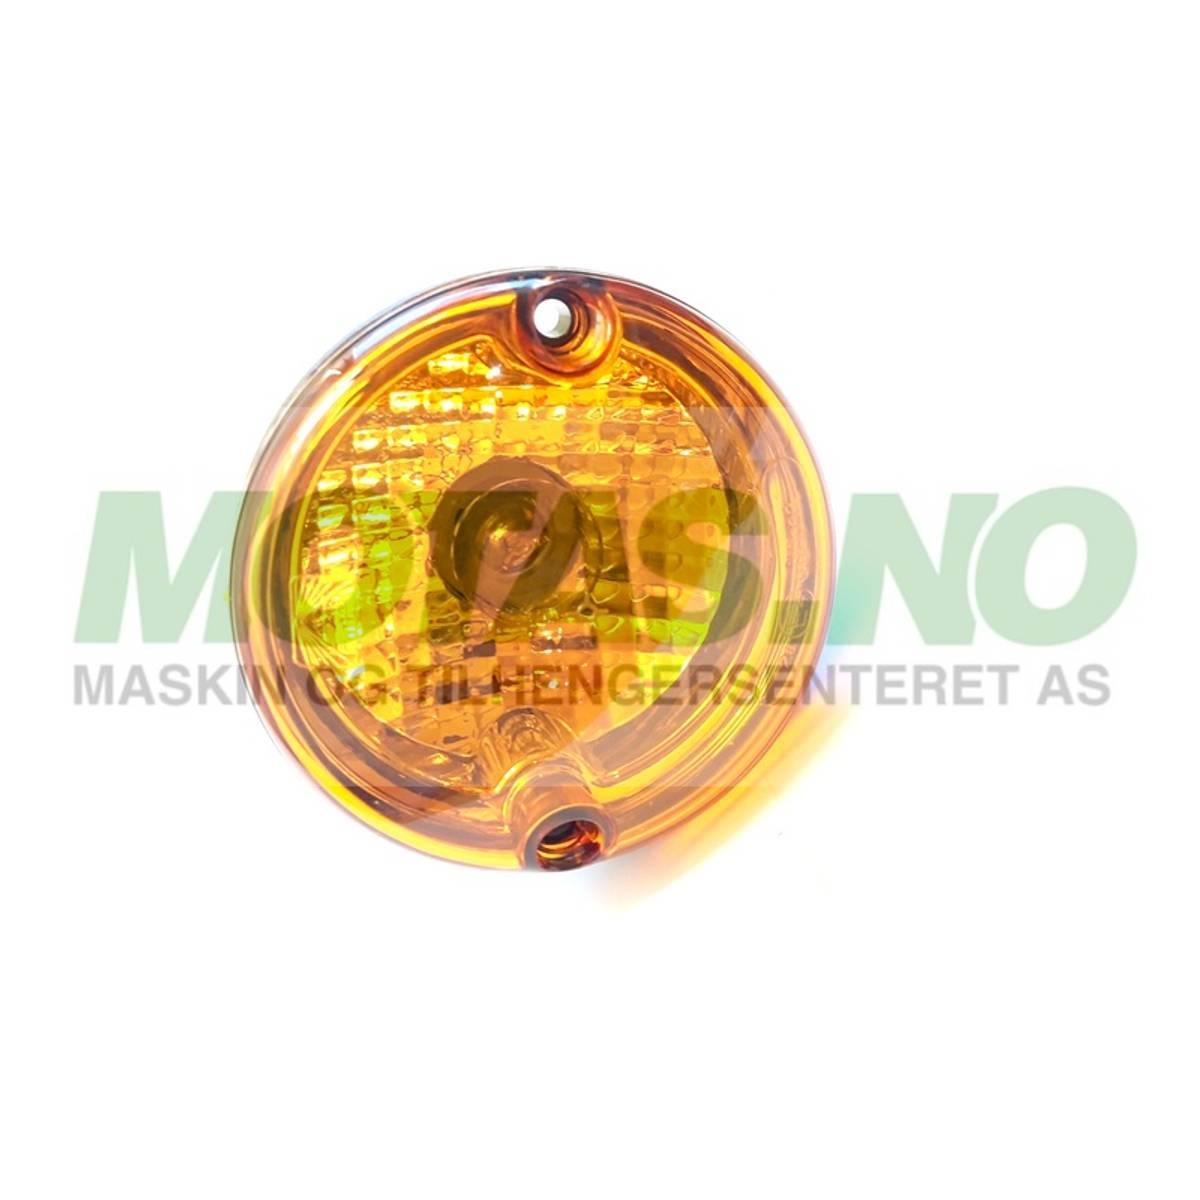 Roundpoint 12V blinklys 2-pol